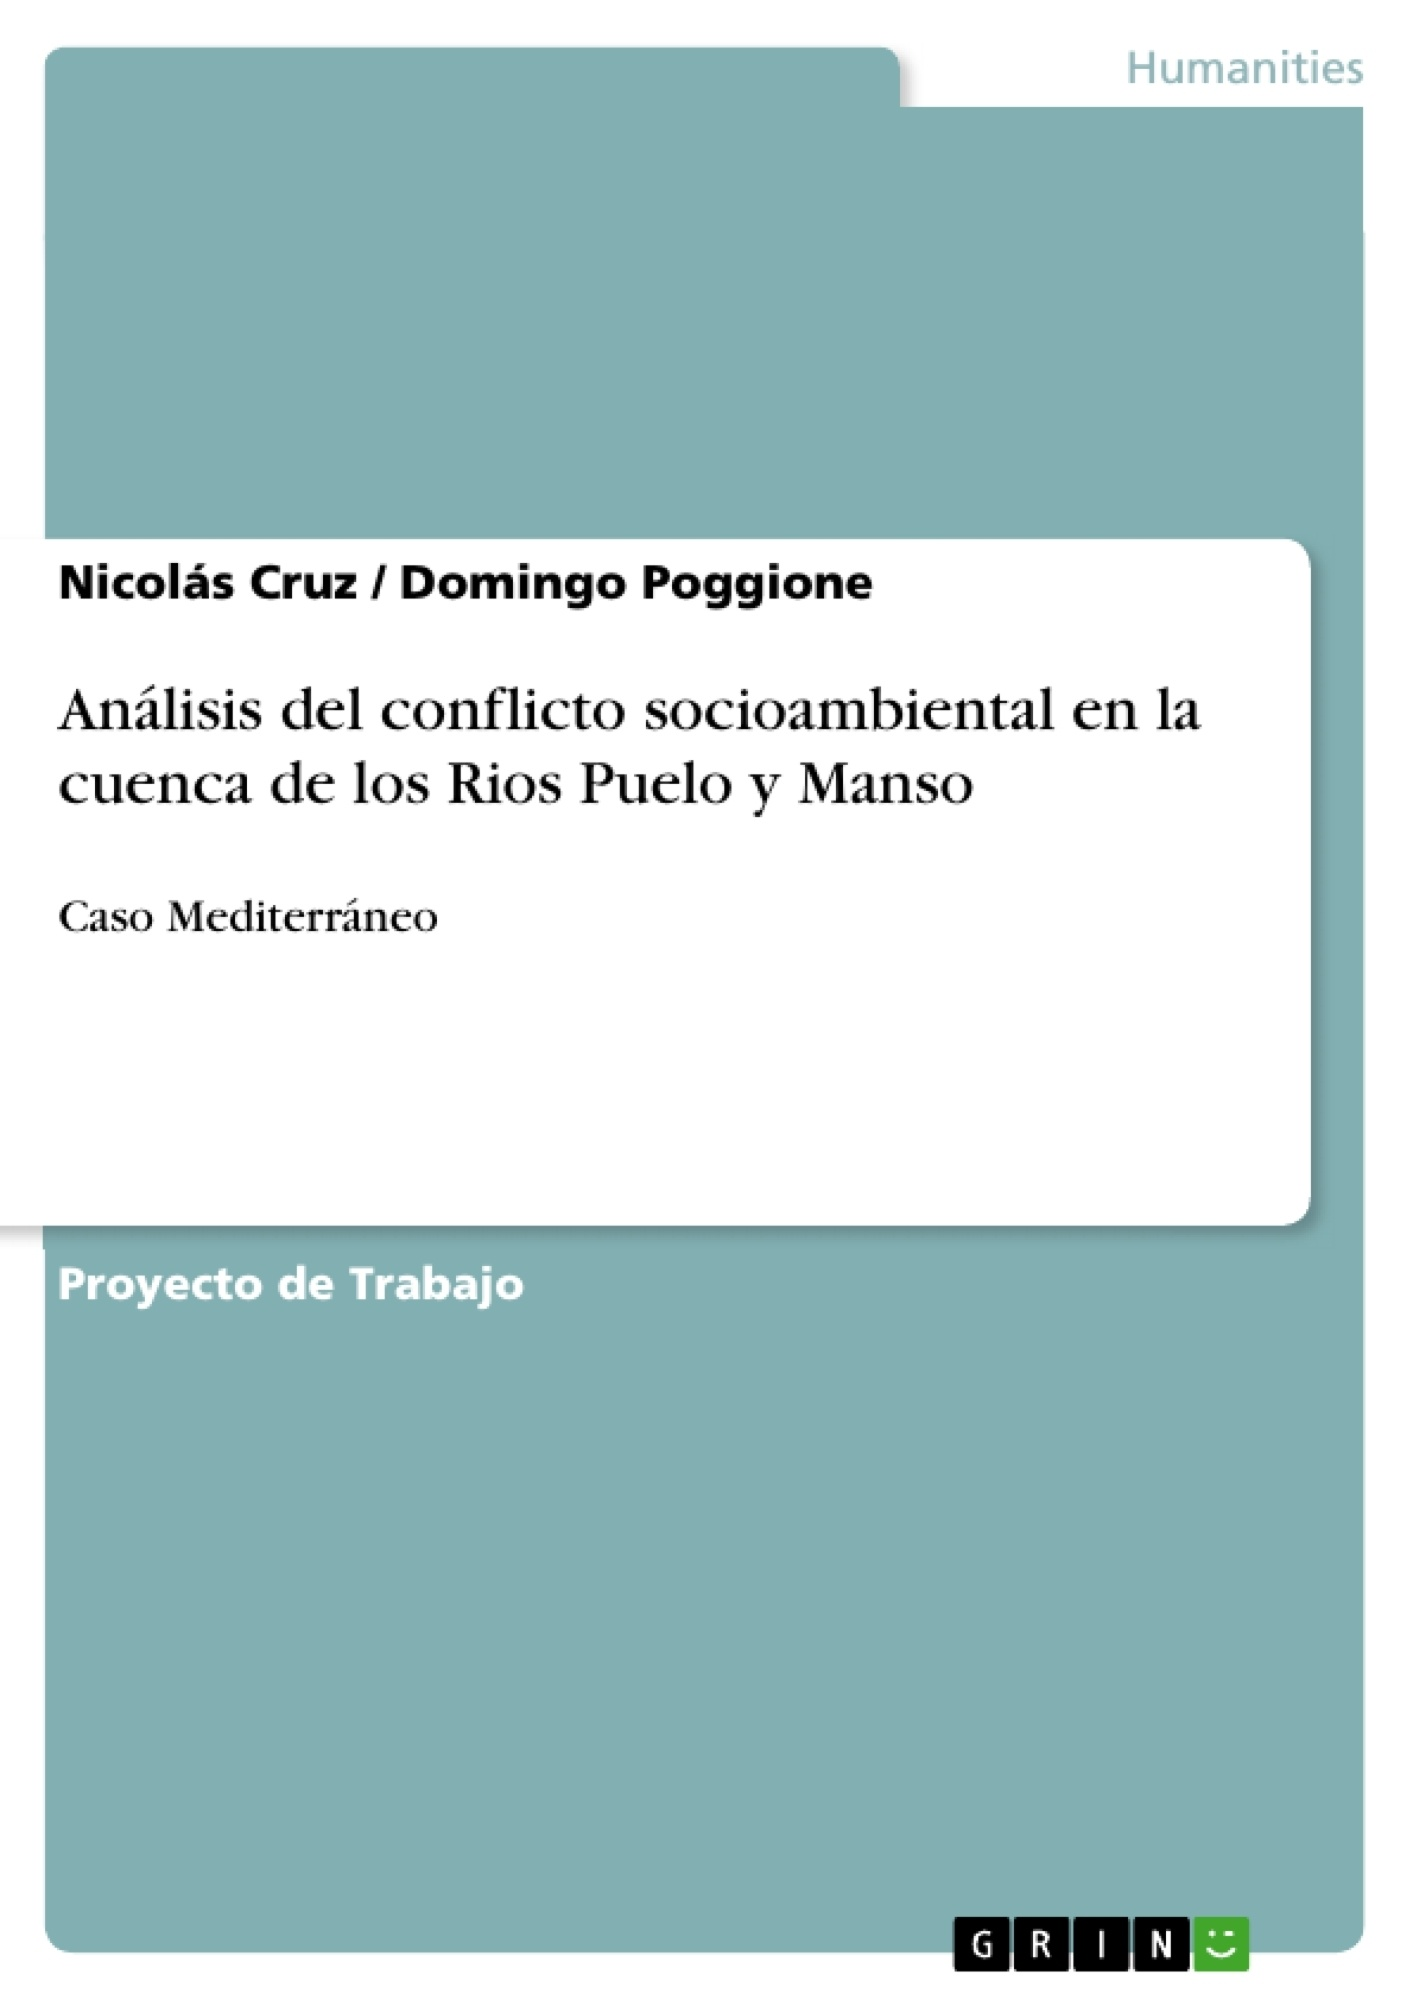 e963c7f88 Análisis del conflicto socioambiental en la cuenca de los Rios ...